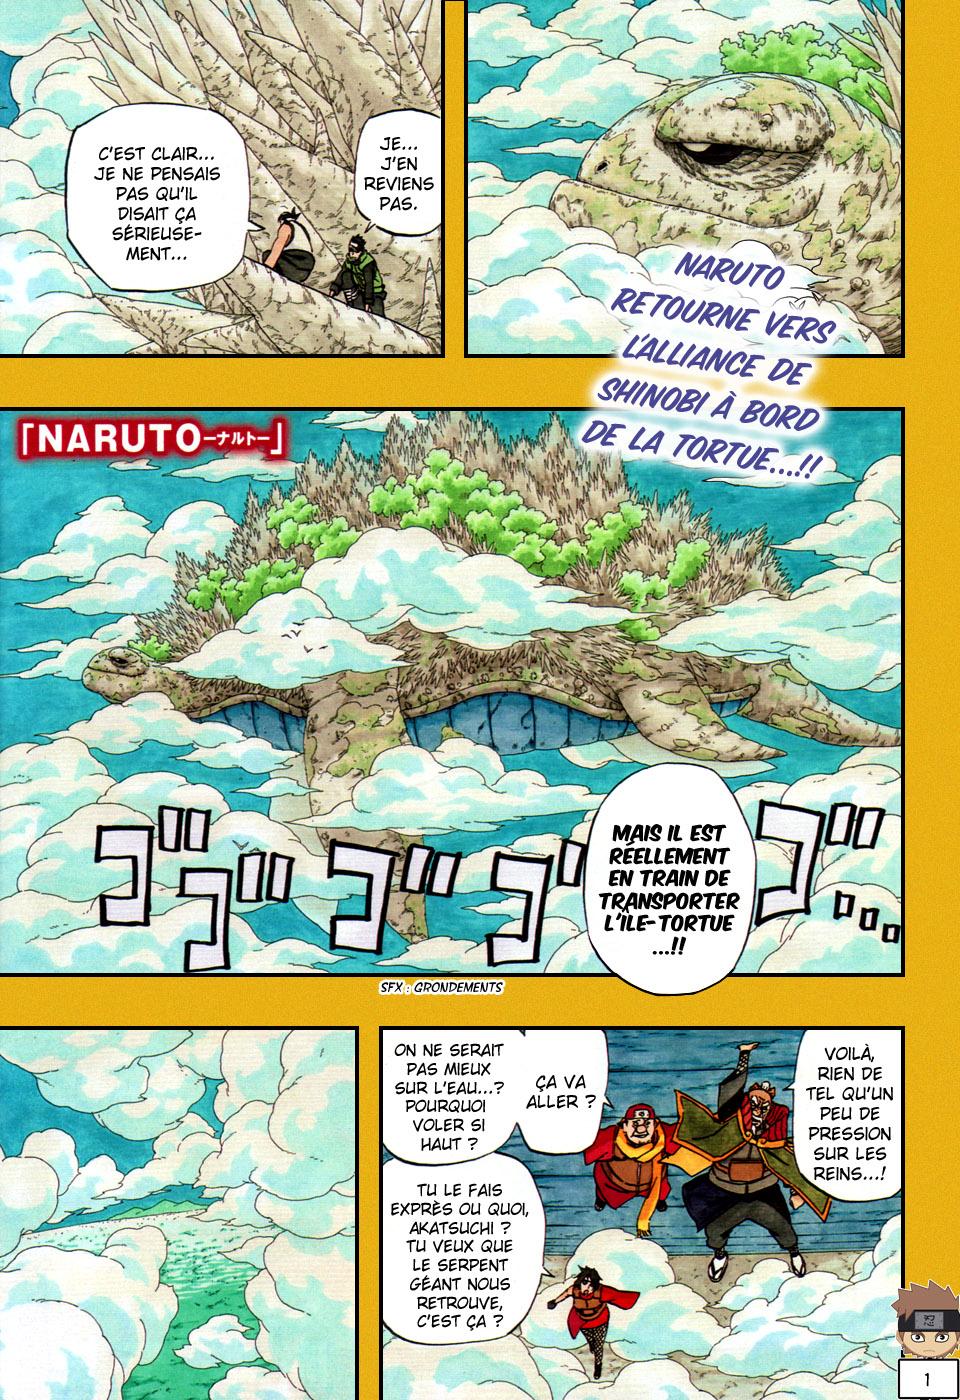 Naruto chapitre 515 - Page 1